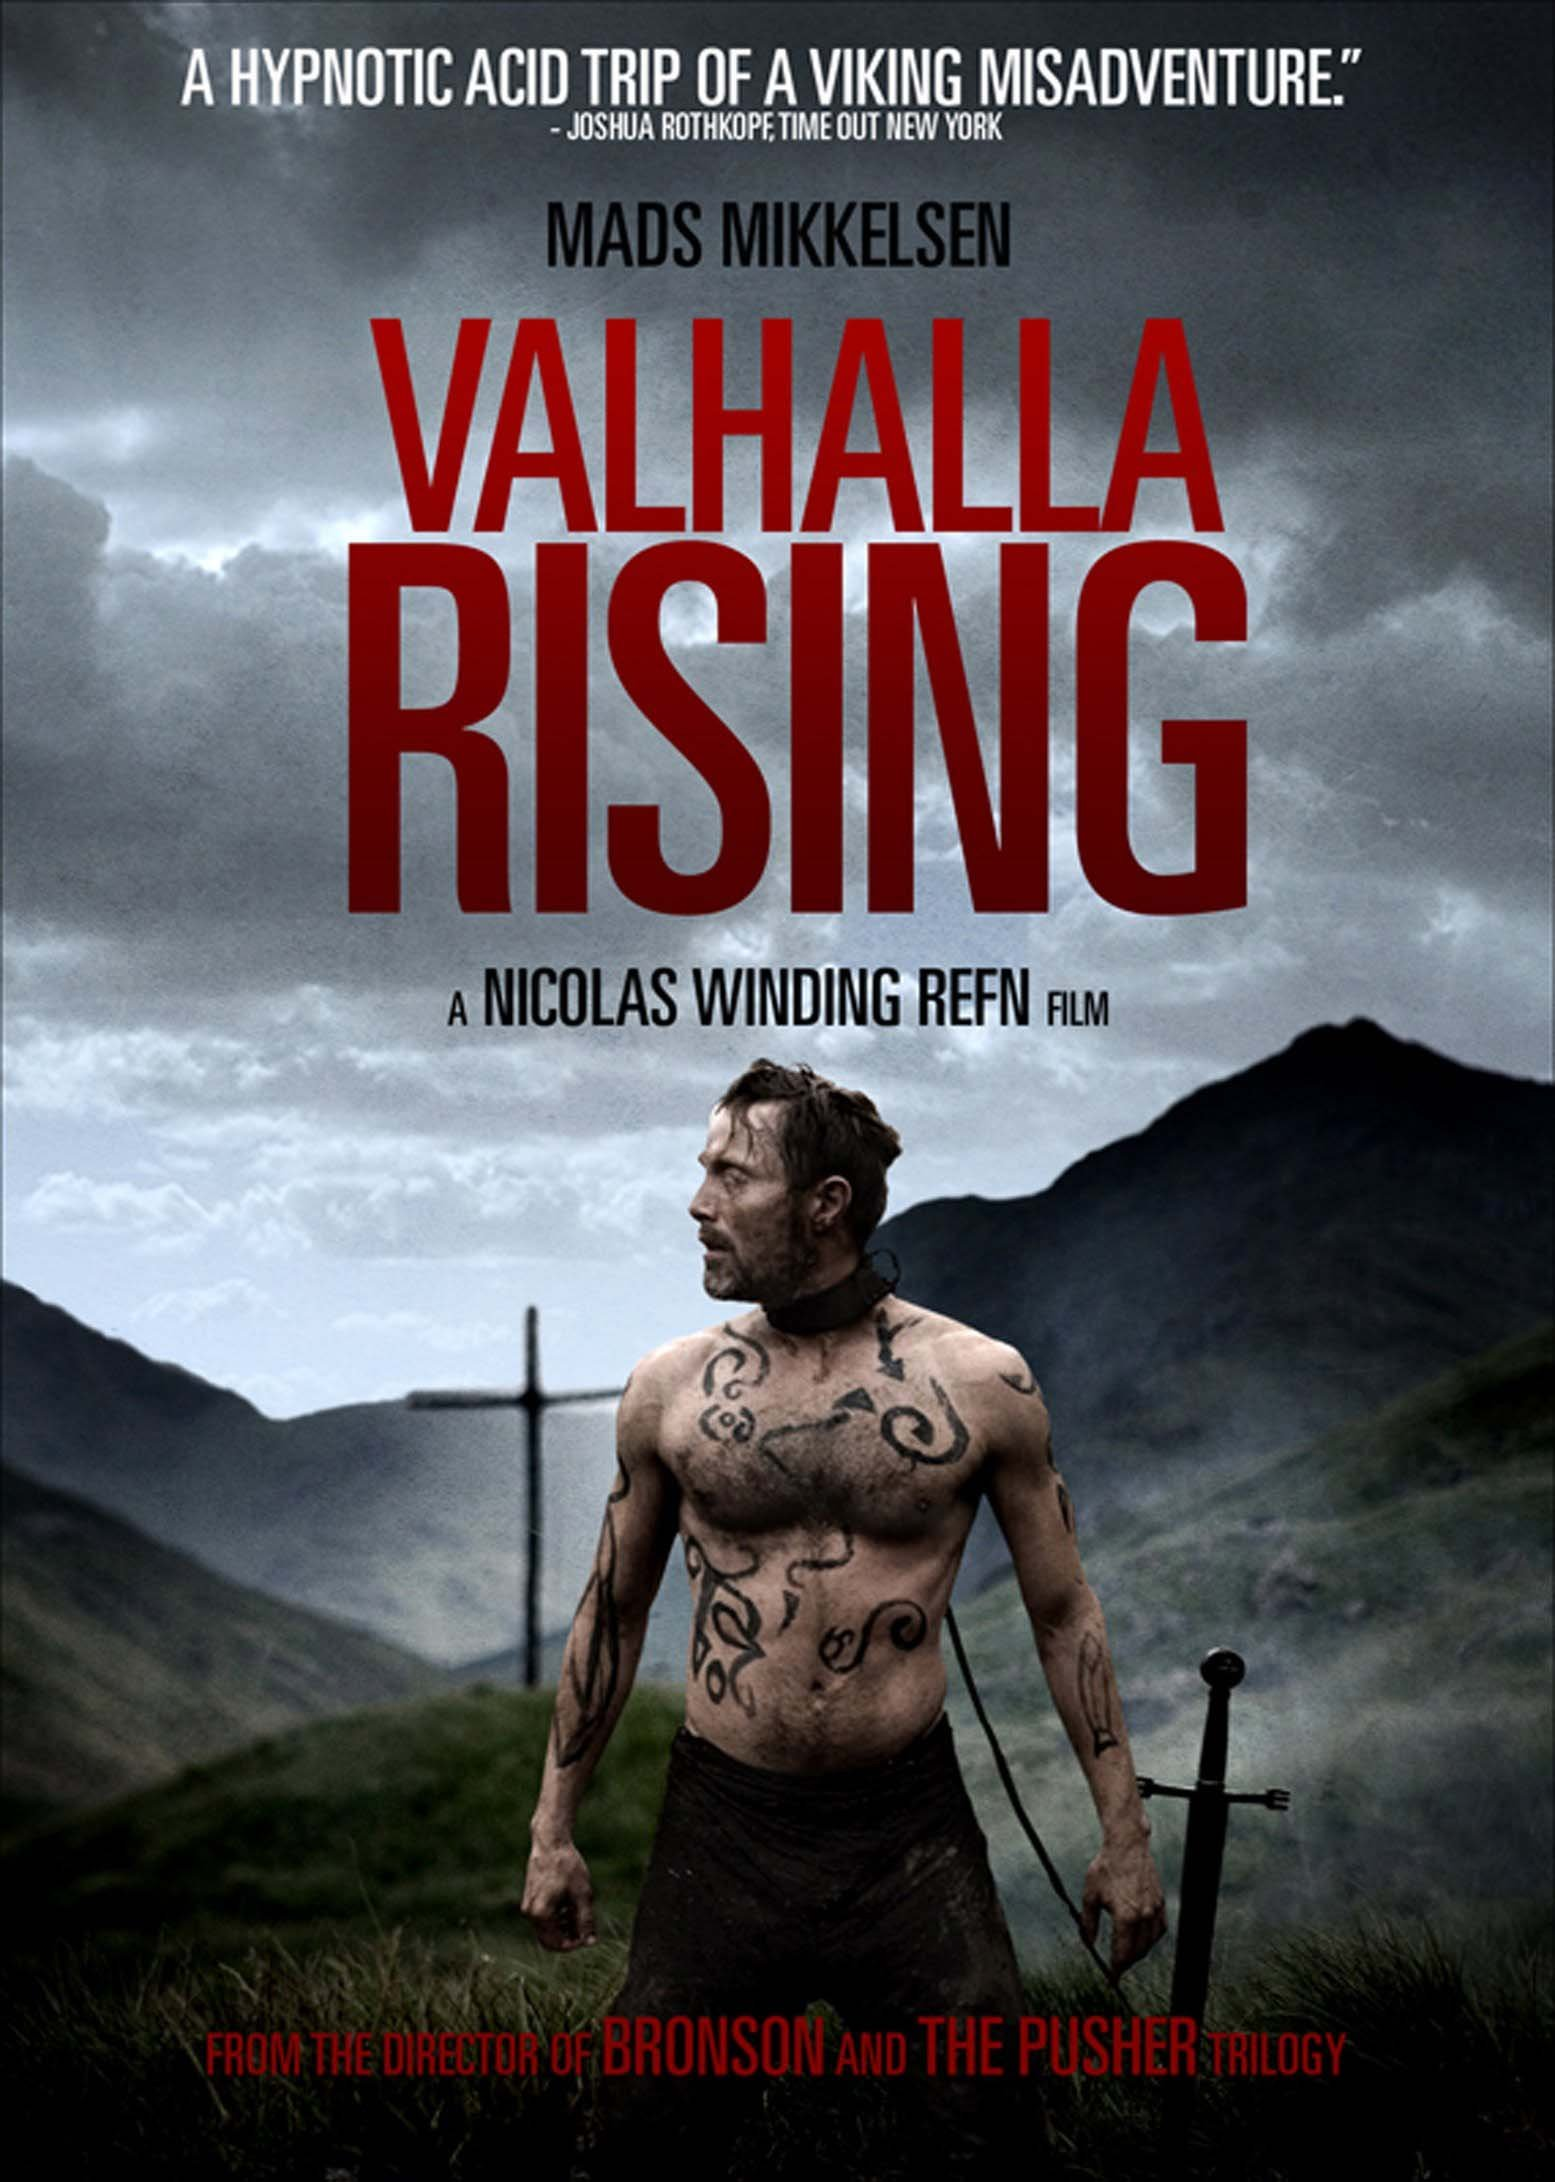 ვალჰალა: საგა ვიკინგზე / Valhalla Rising